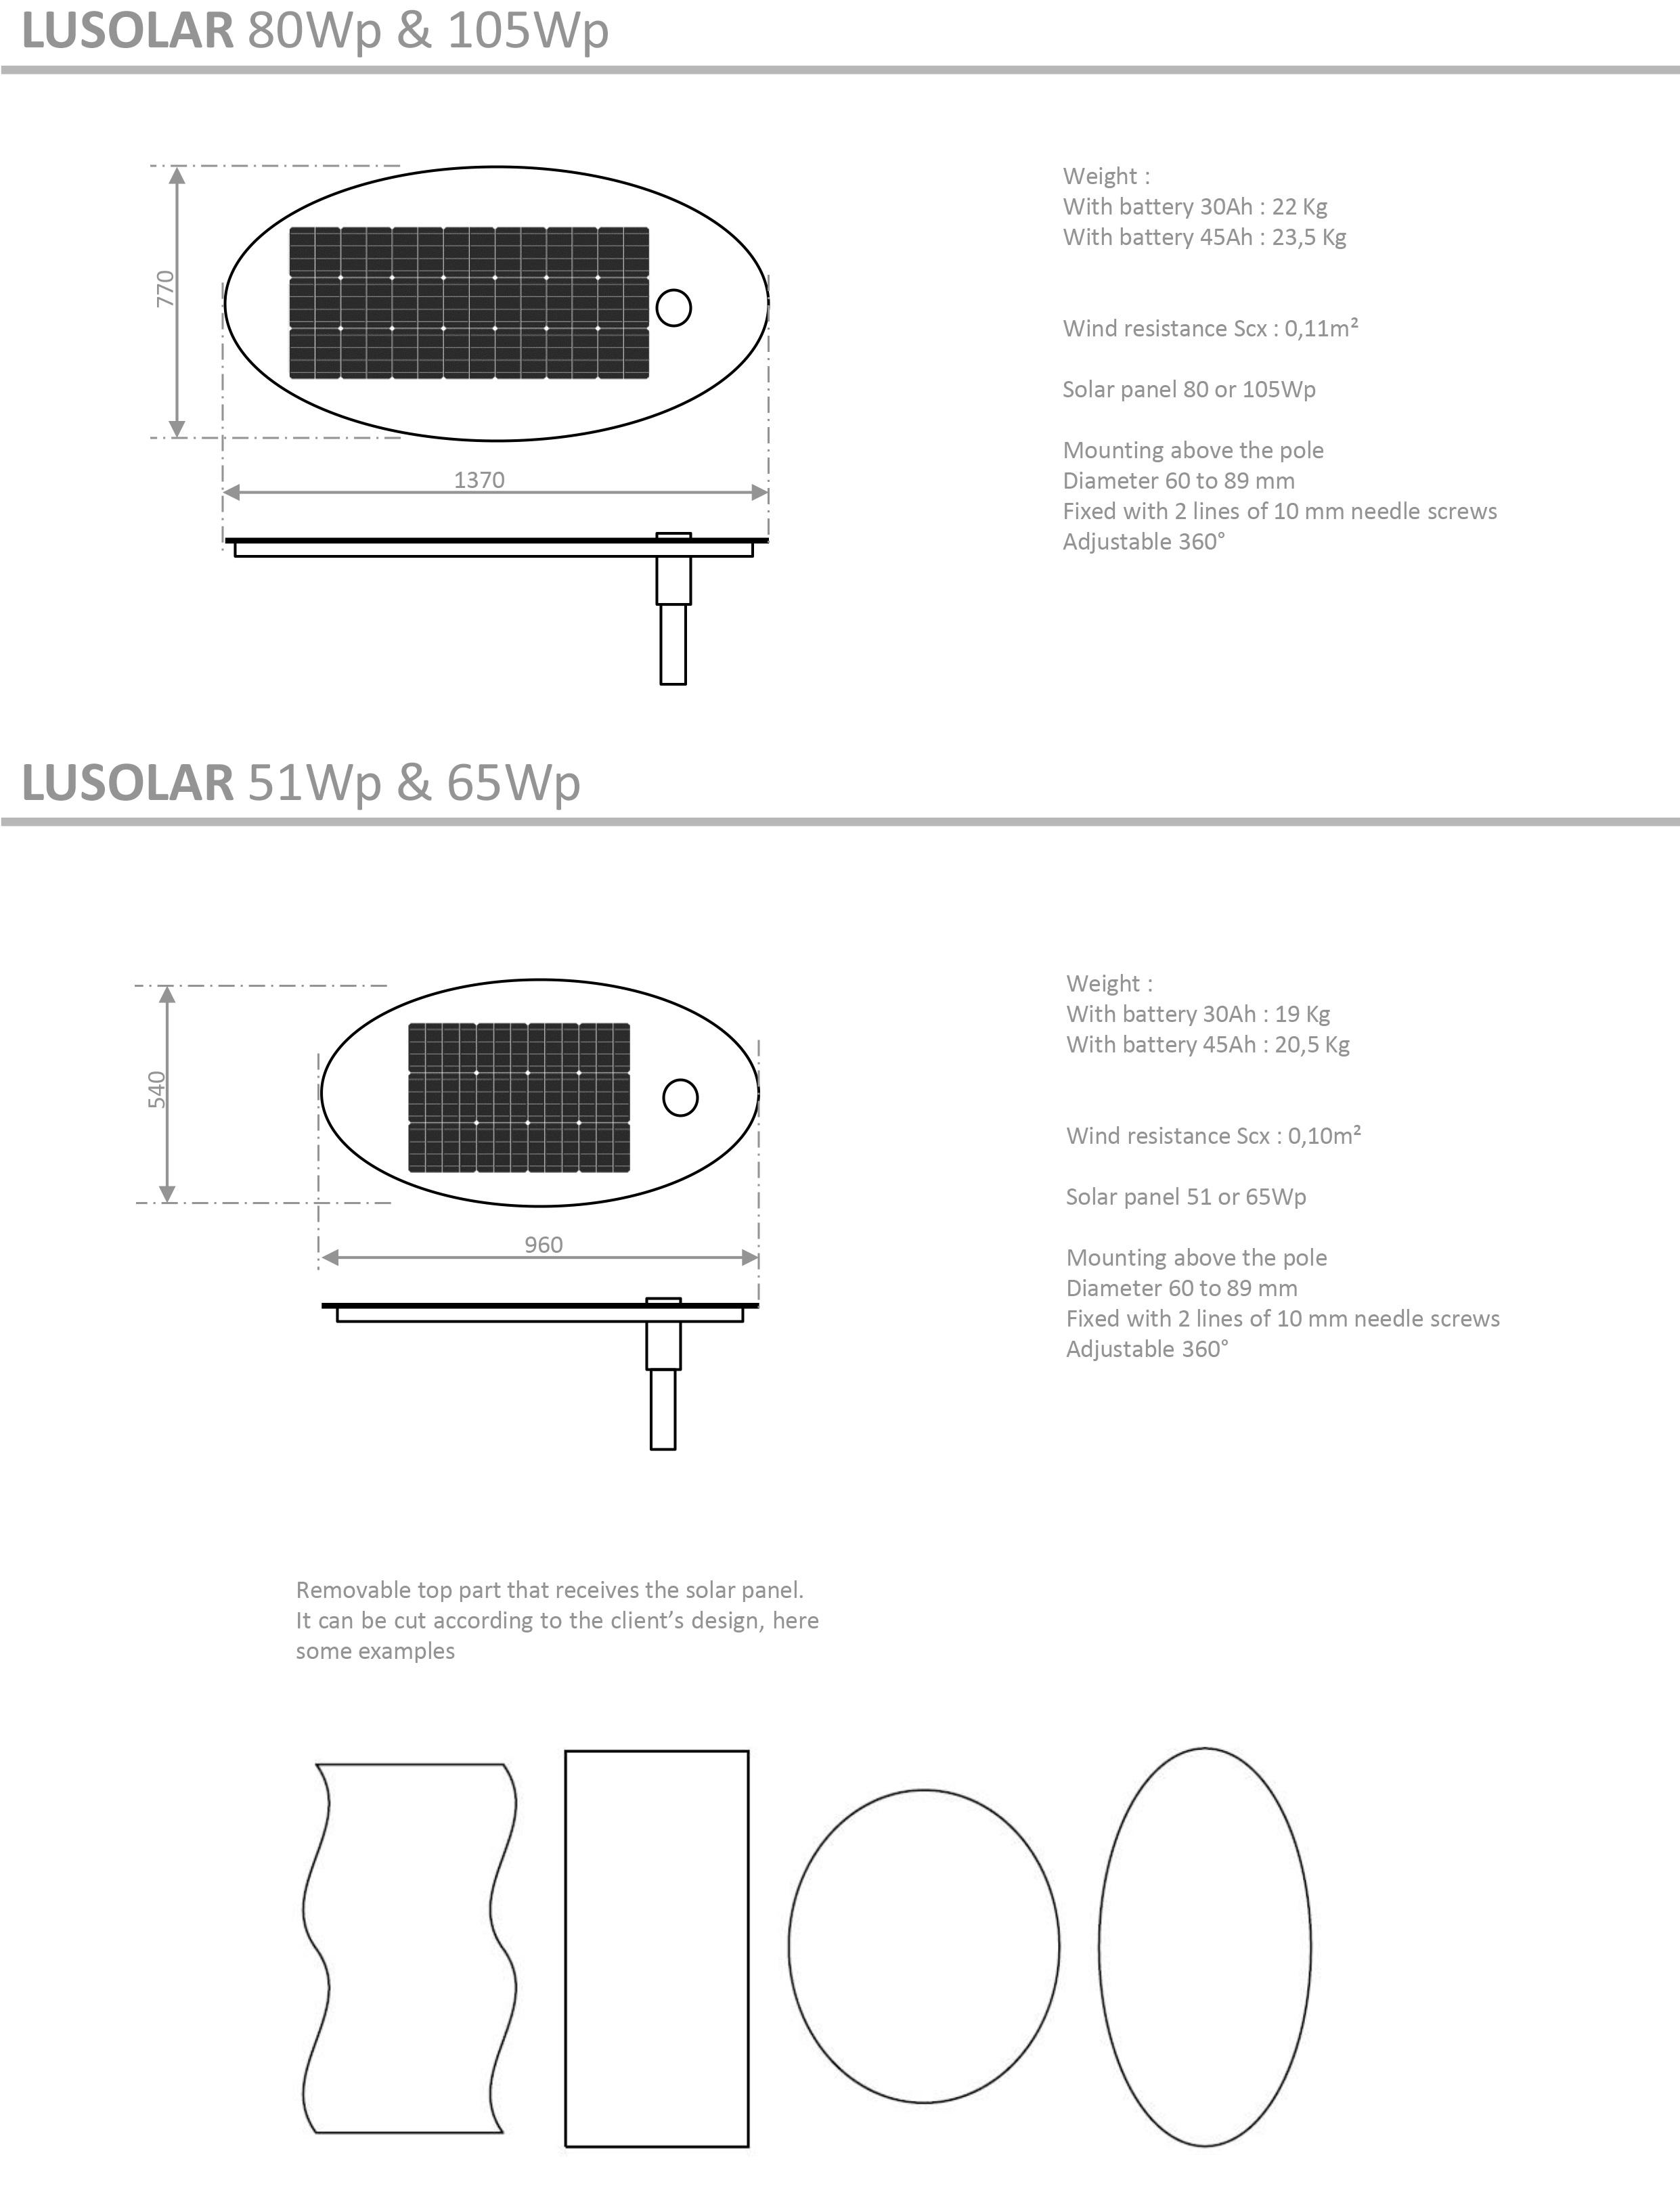 Jcl Lighting Solution For Public Lighting